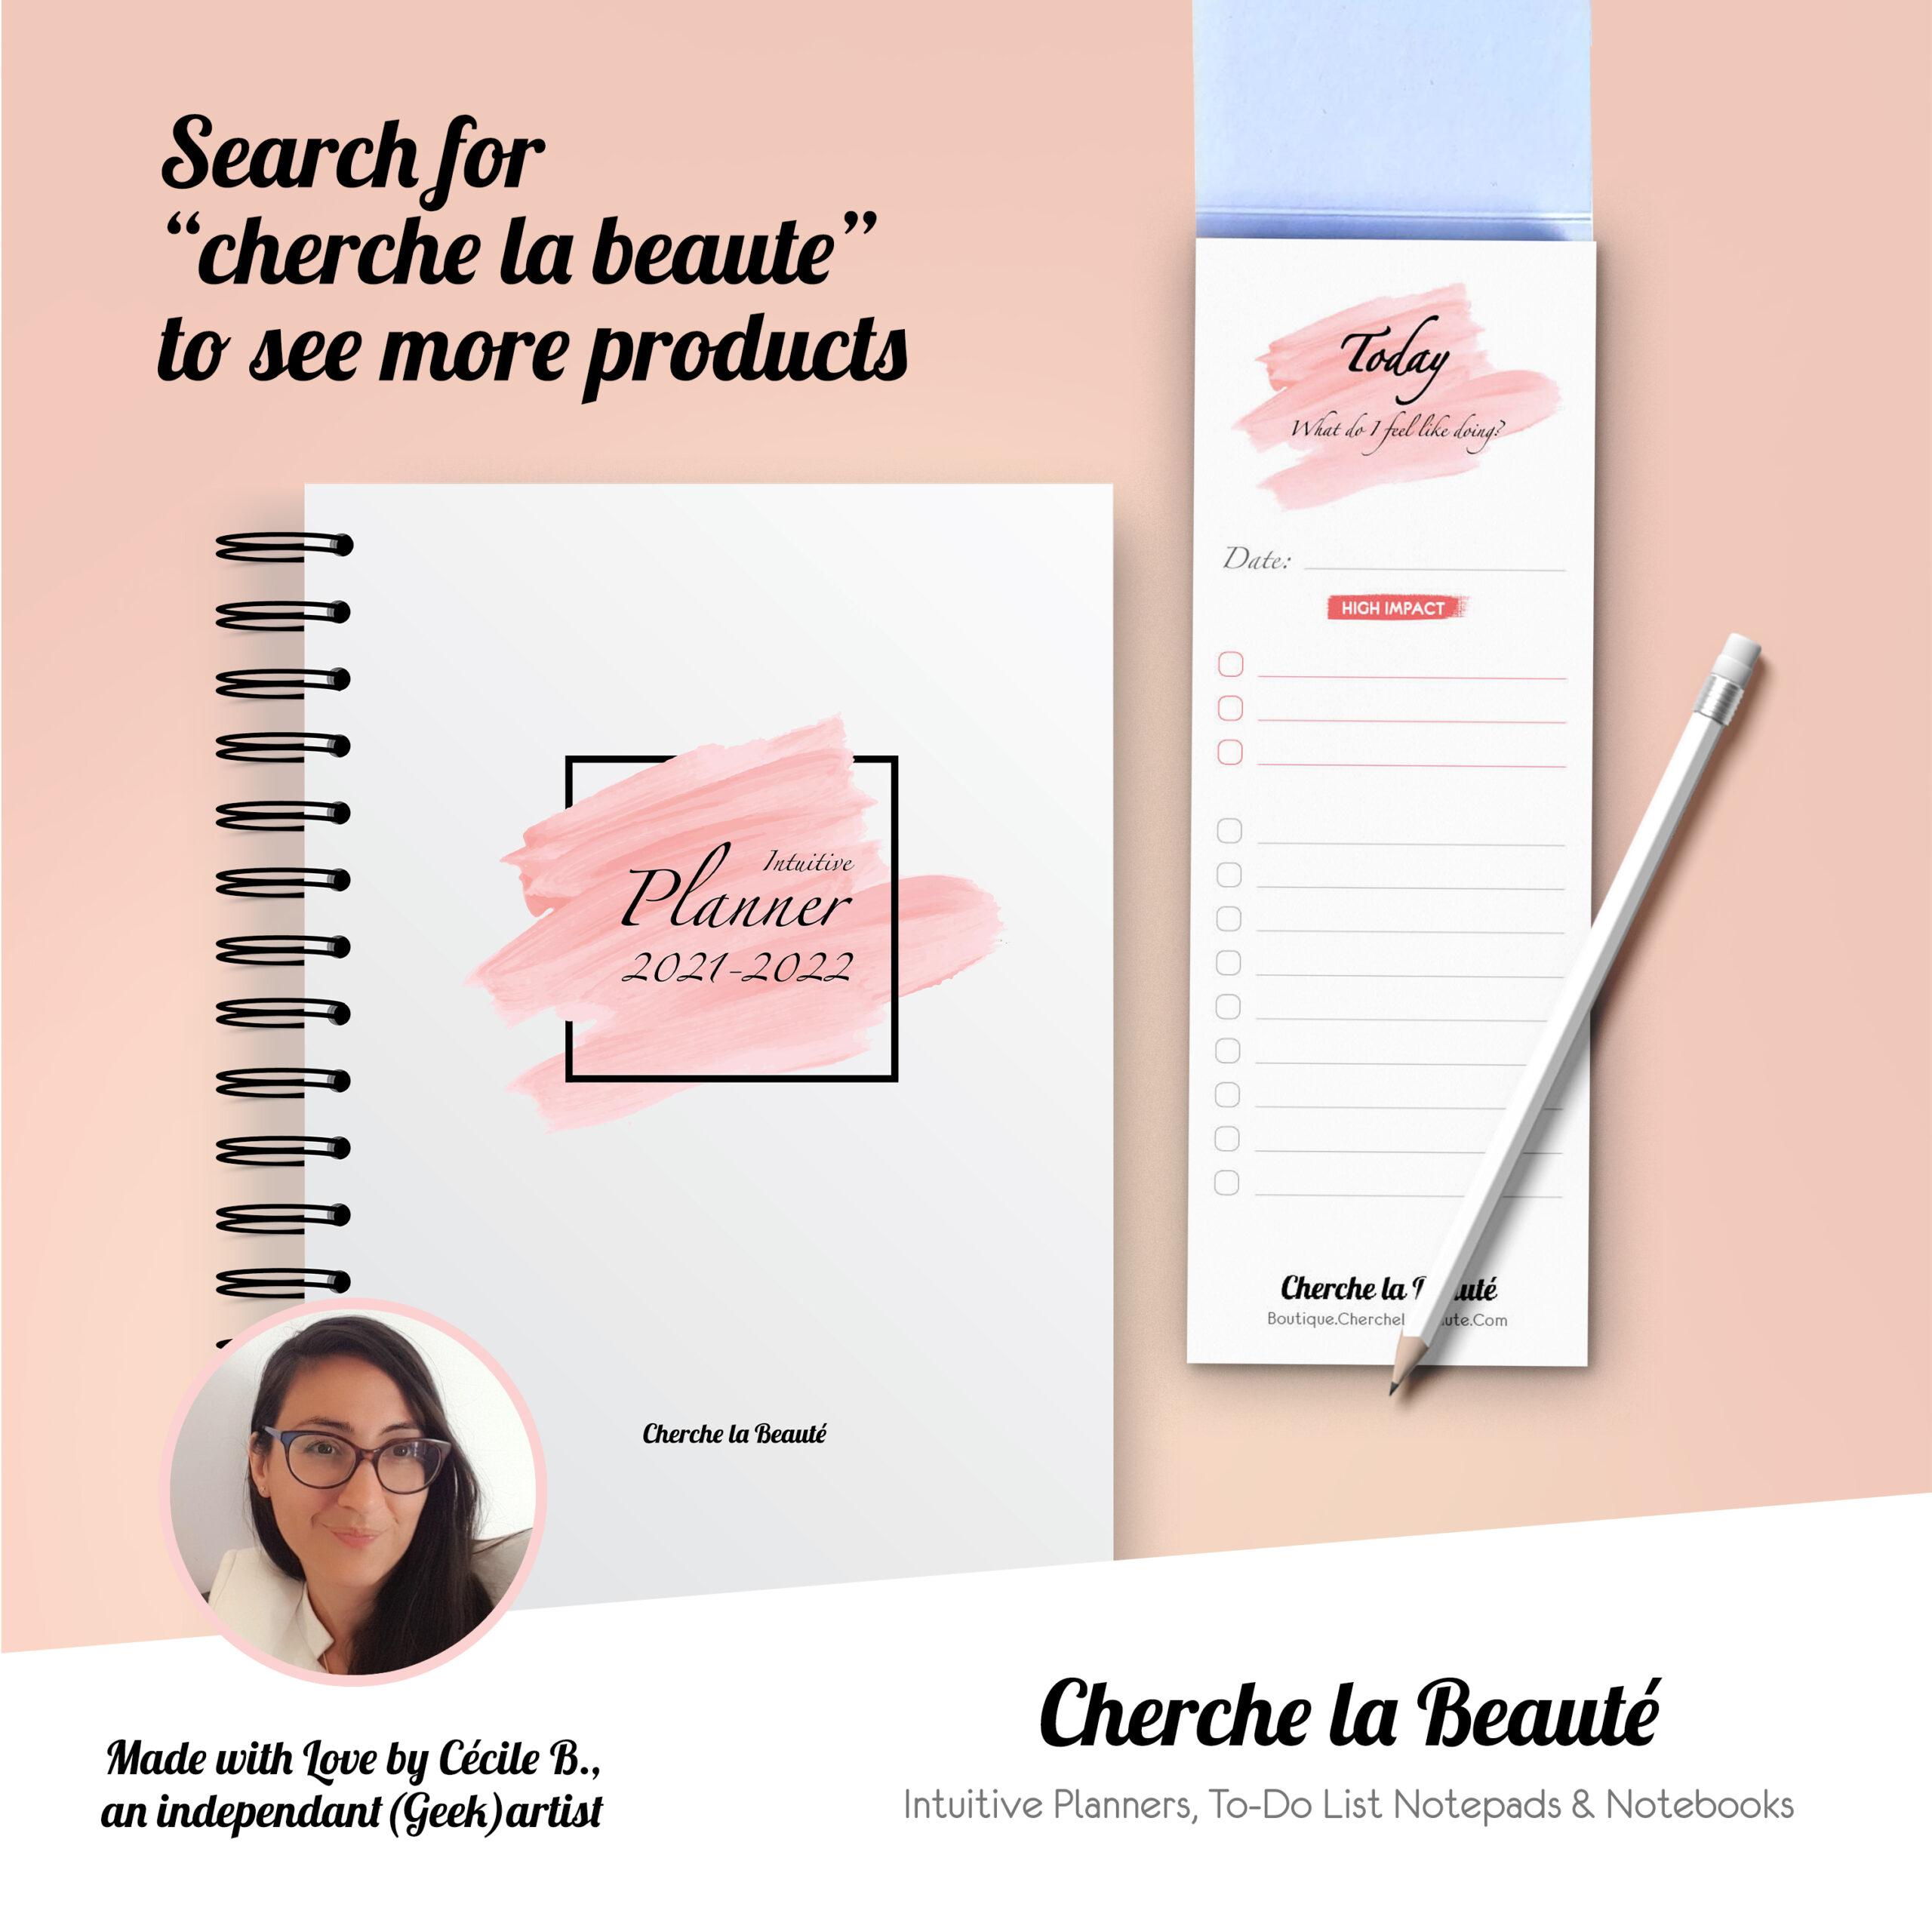 All Products Cherche la beaute